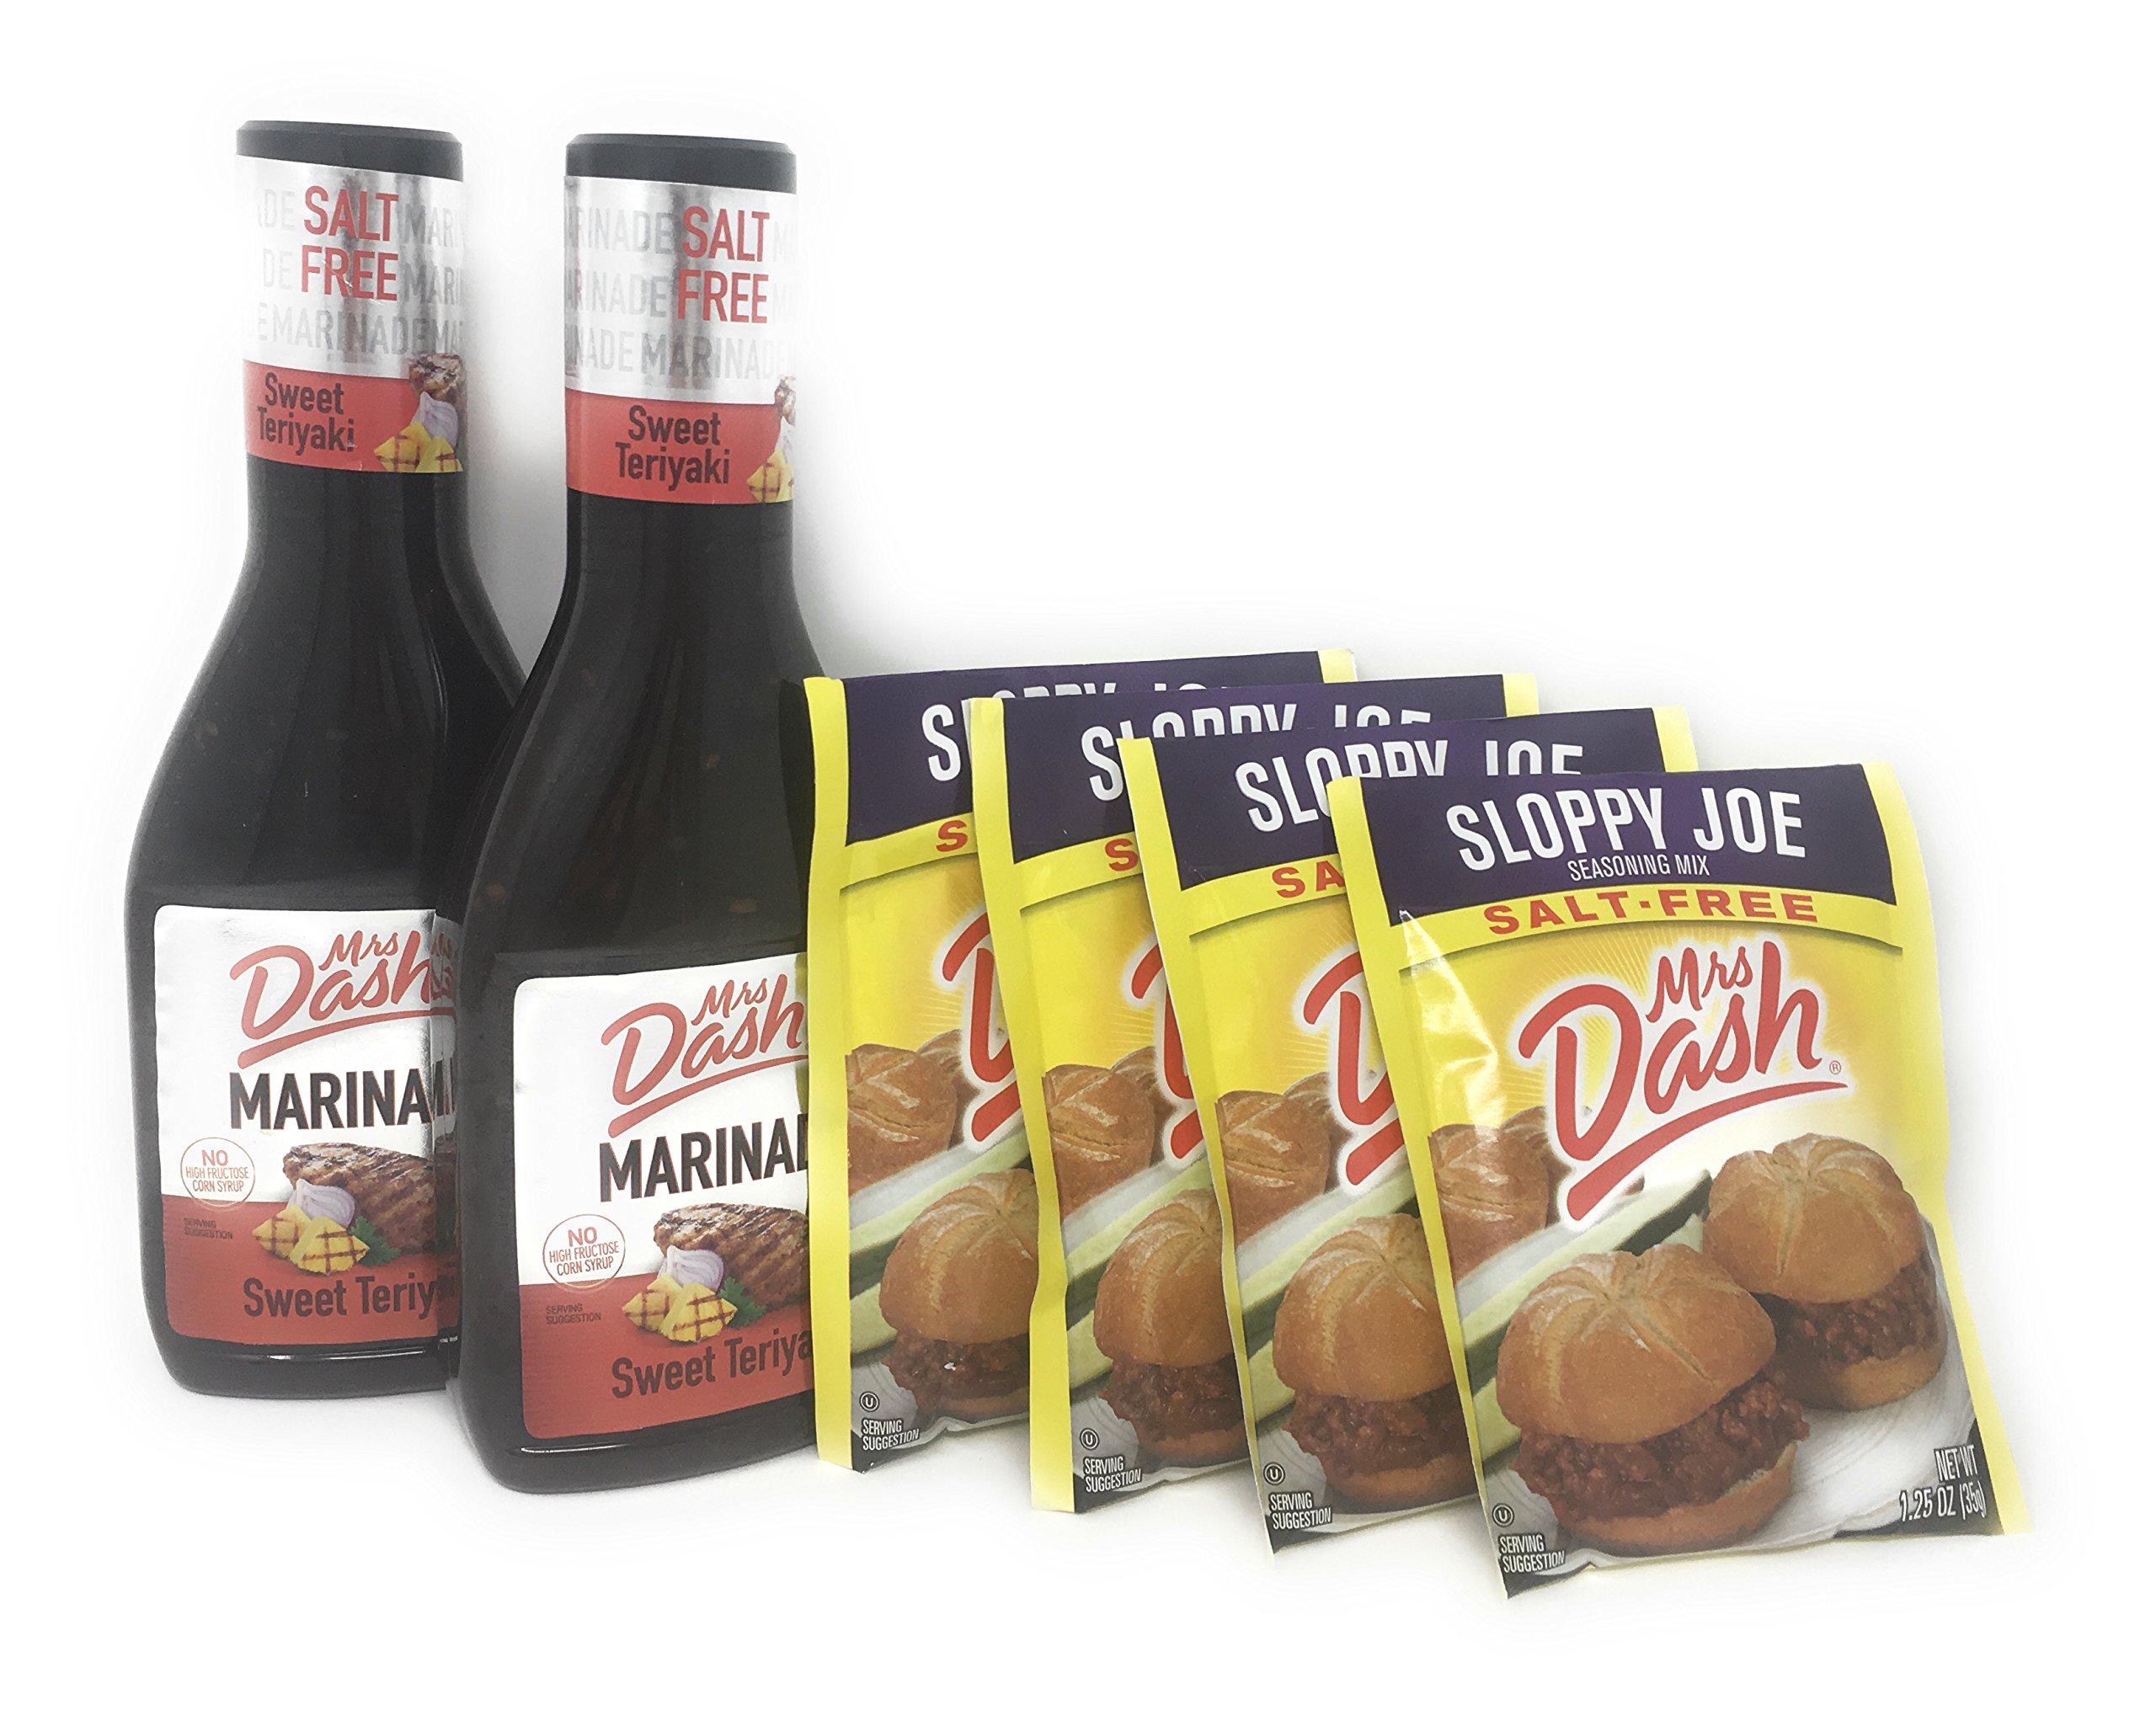 Mrs. Dash Seasoning Bundle: Two Bottles of Salt- Free Sweet Teriyaki Sauce and Four packets of Salt Free Floppy Joe Mix